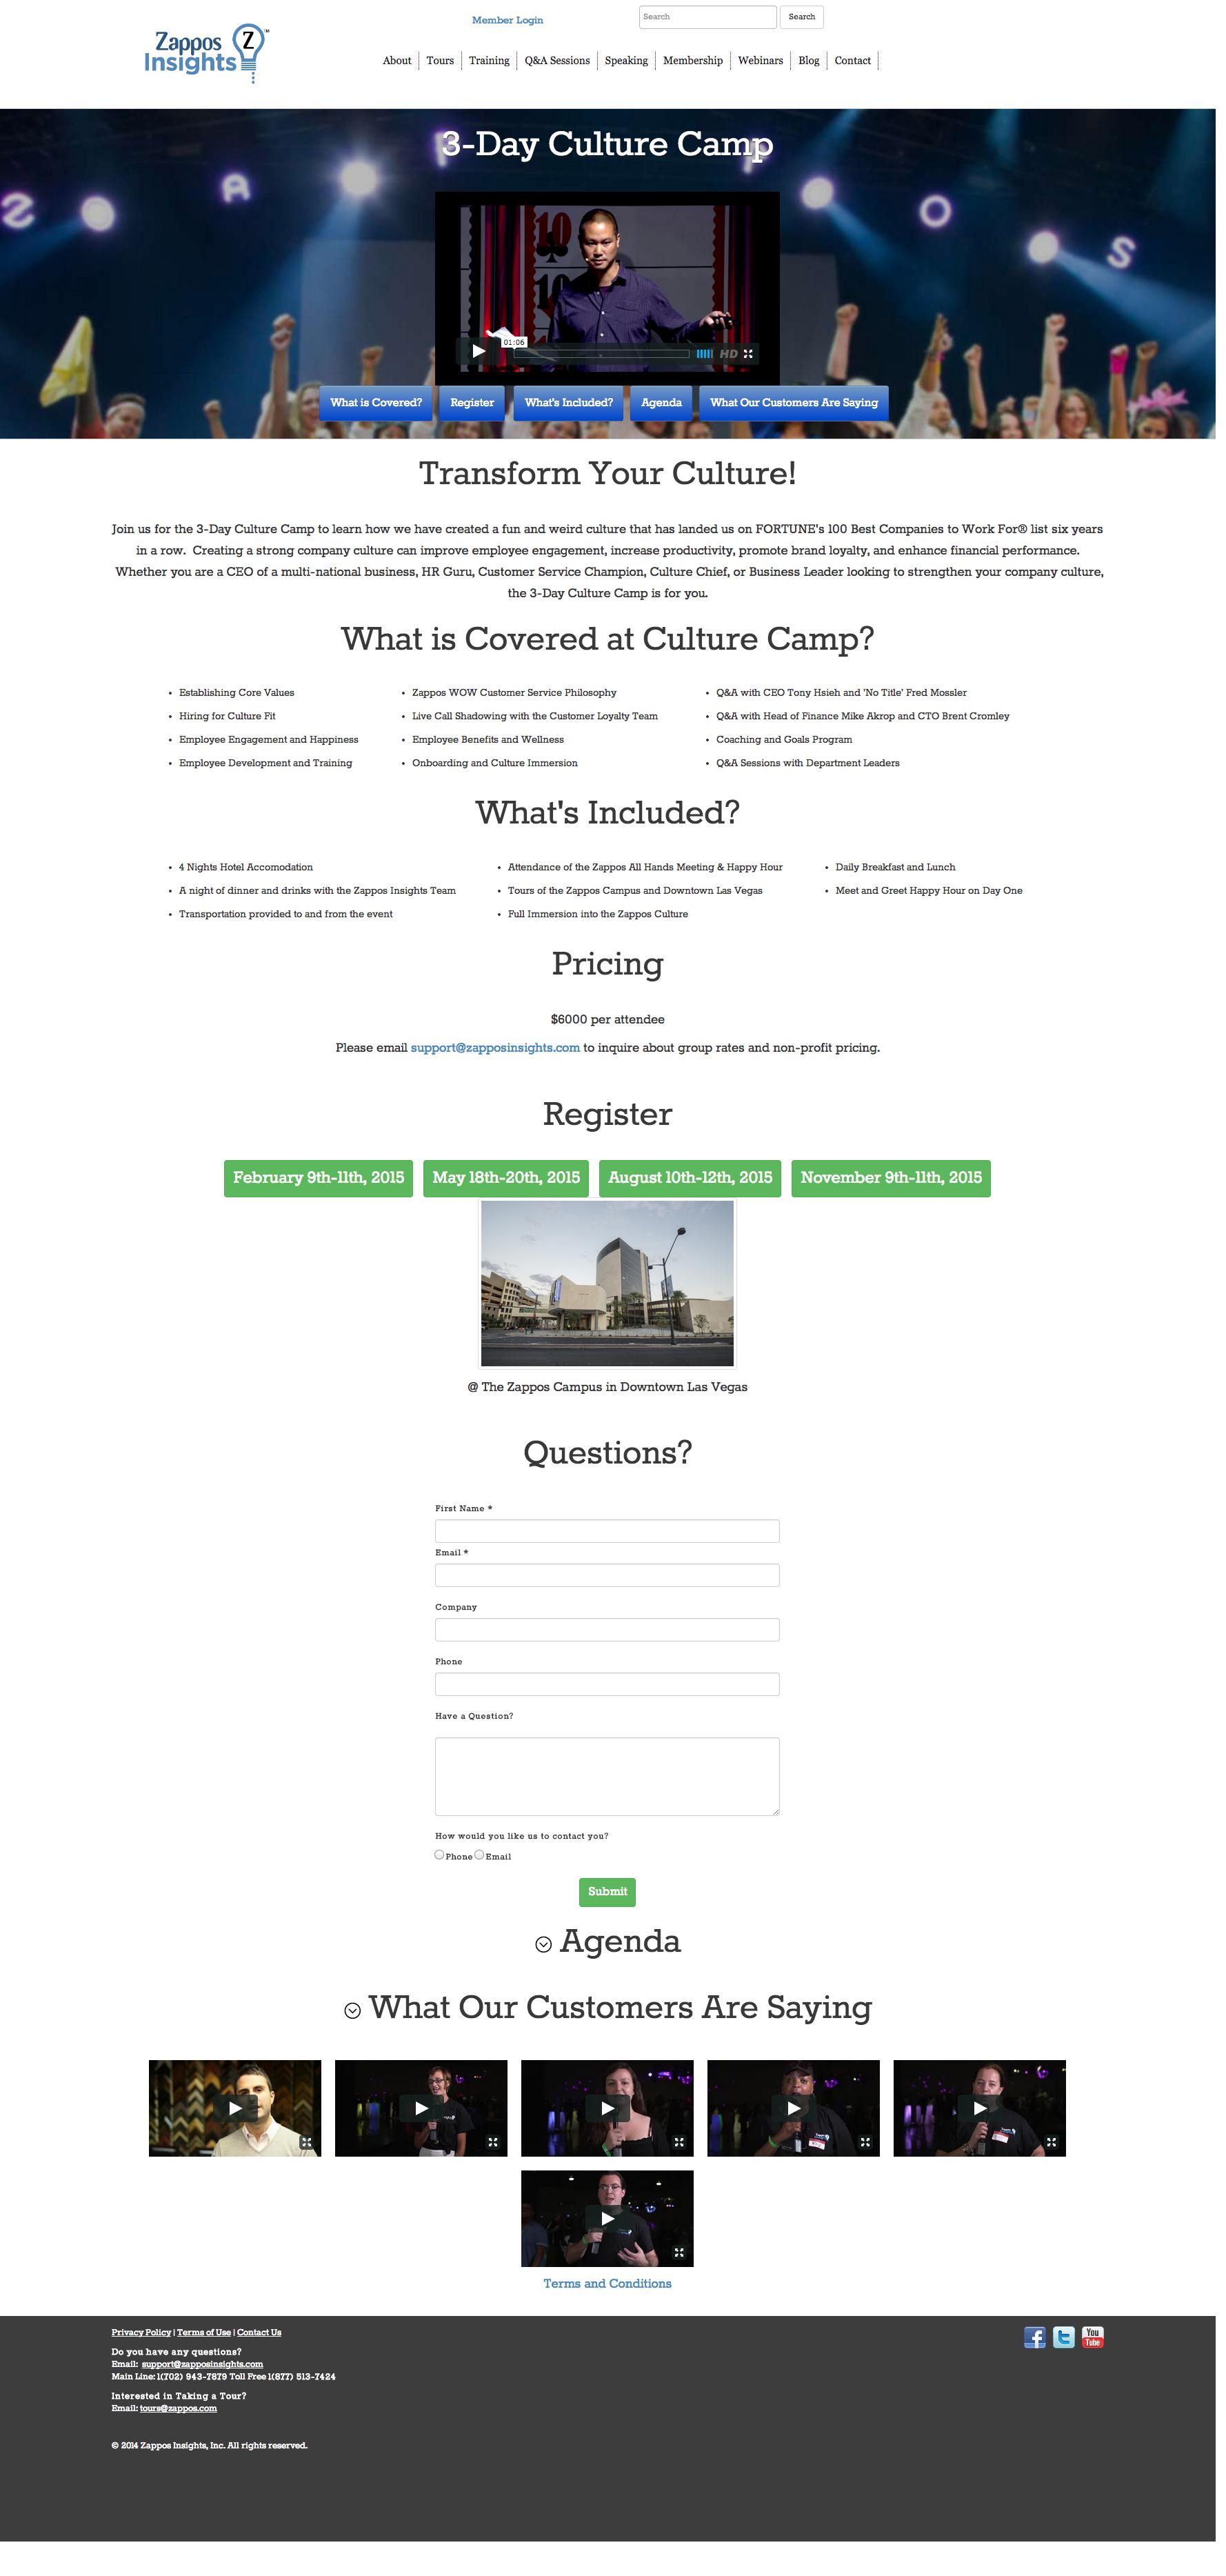 Zappo Culture Camp website